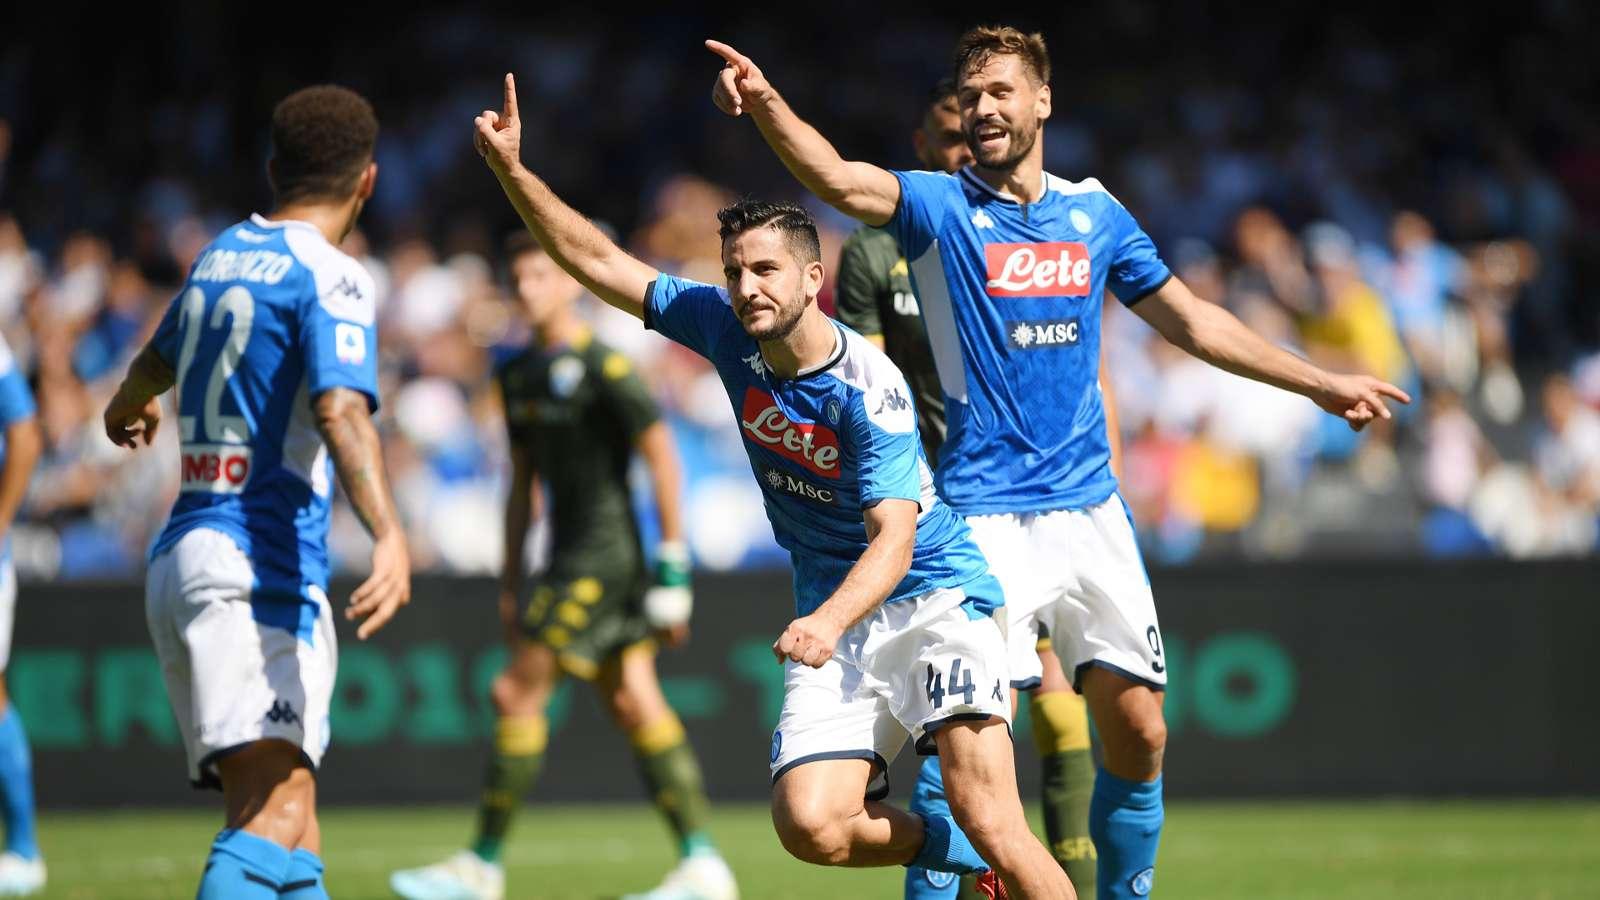 Napoli-Brescia 2-1: gli azzurri ritrovano la vittoria ma è emergenza difesa - NAPOLI CALCIO